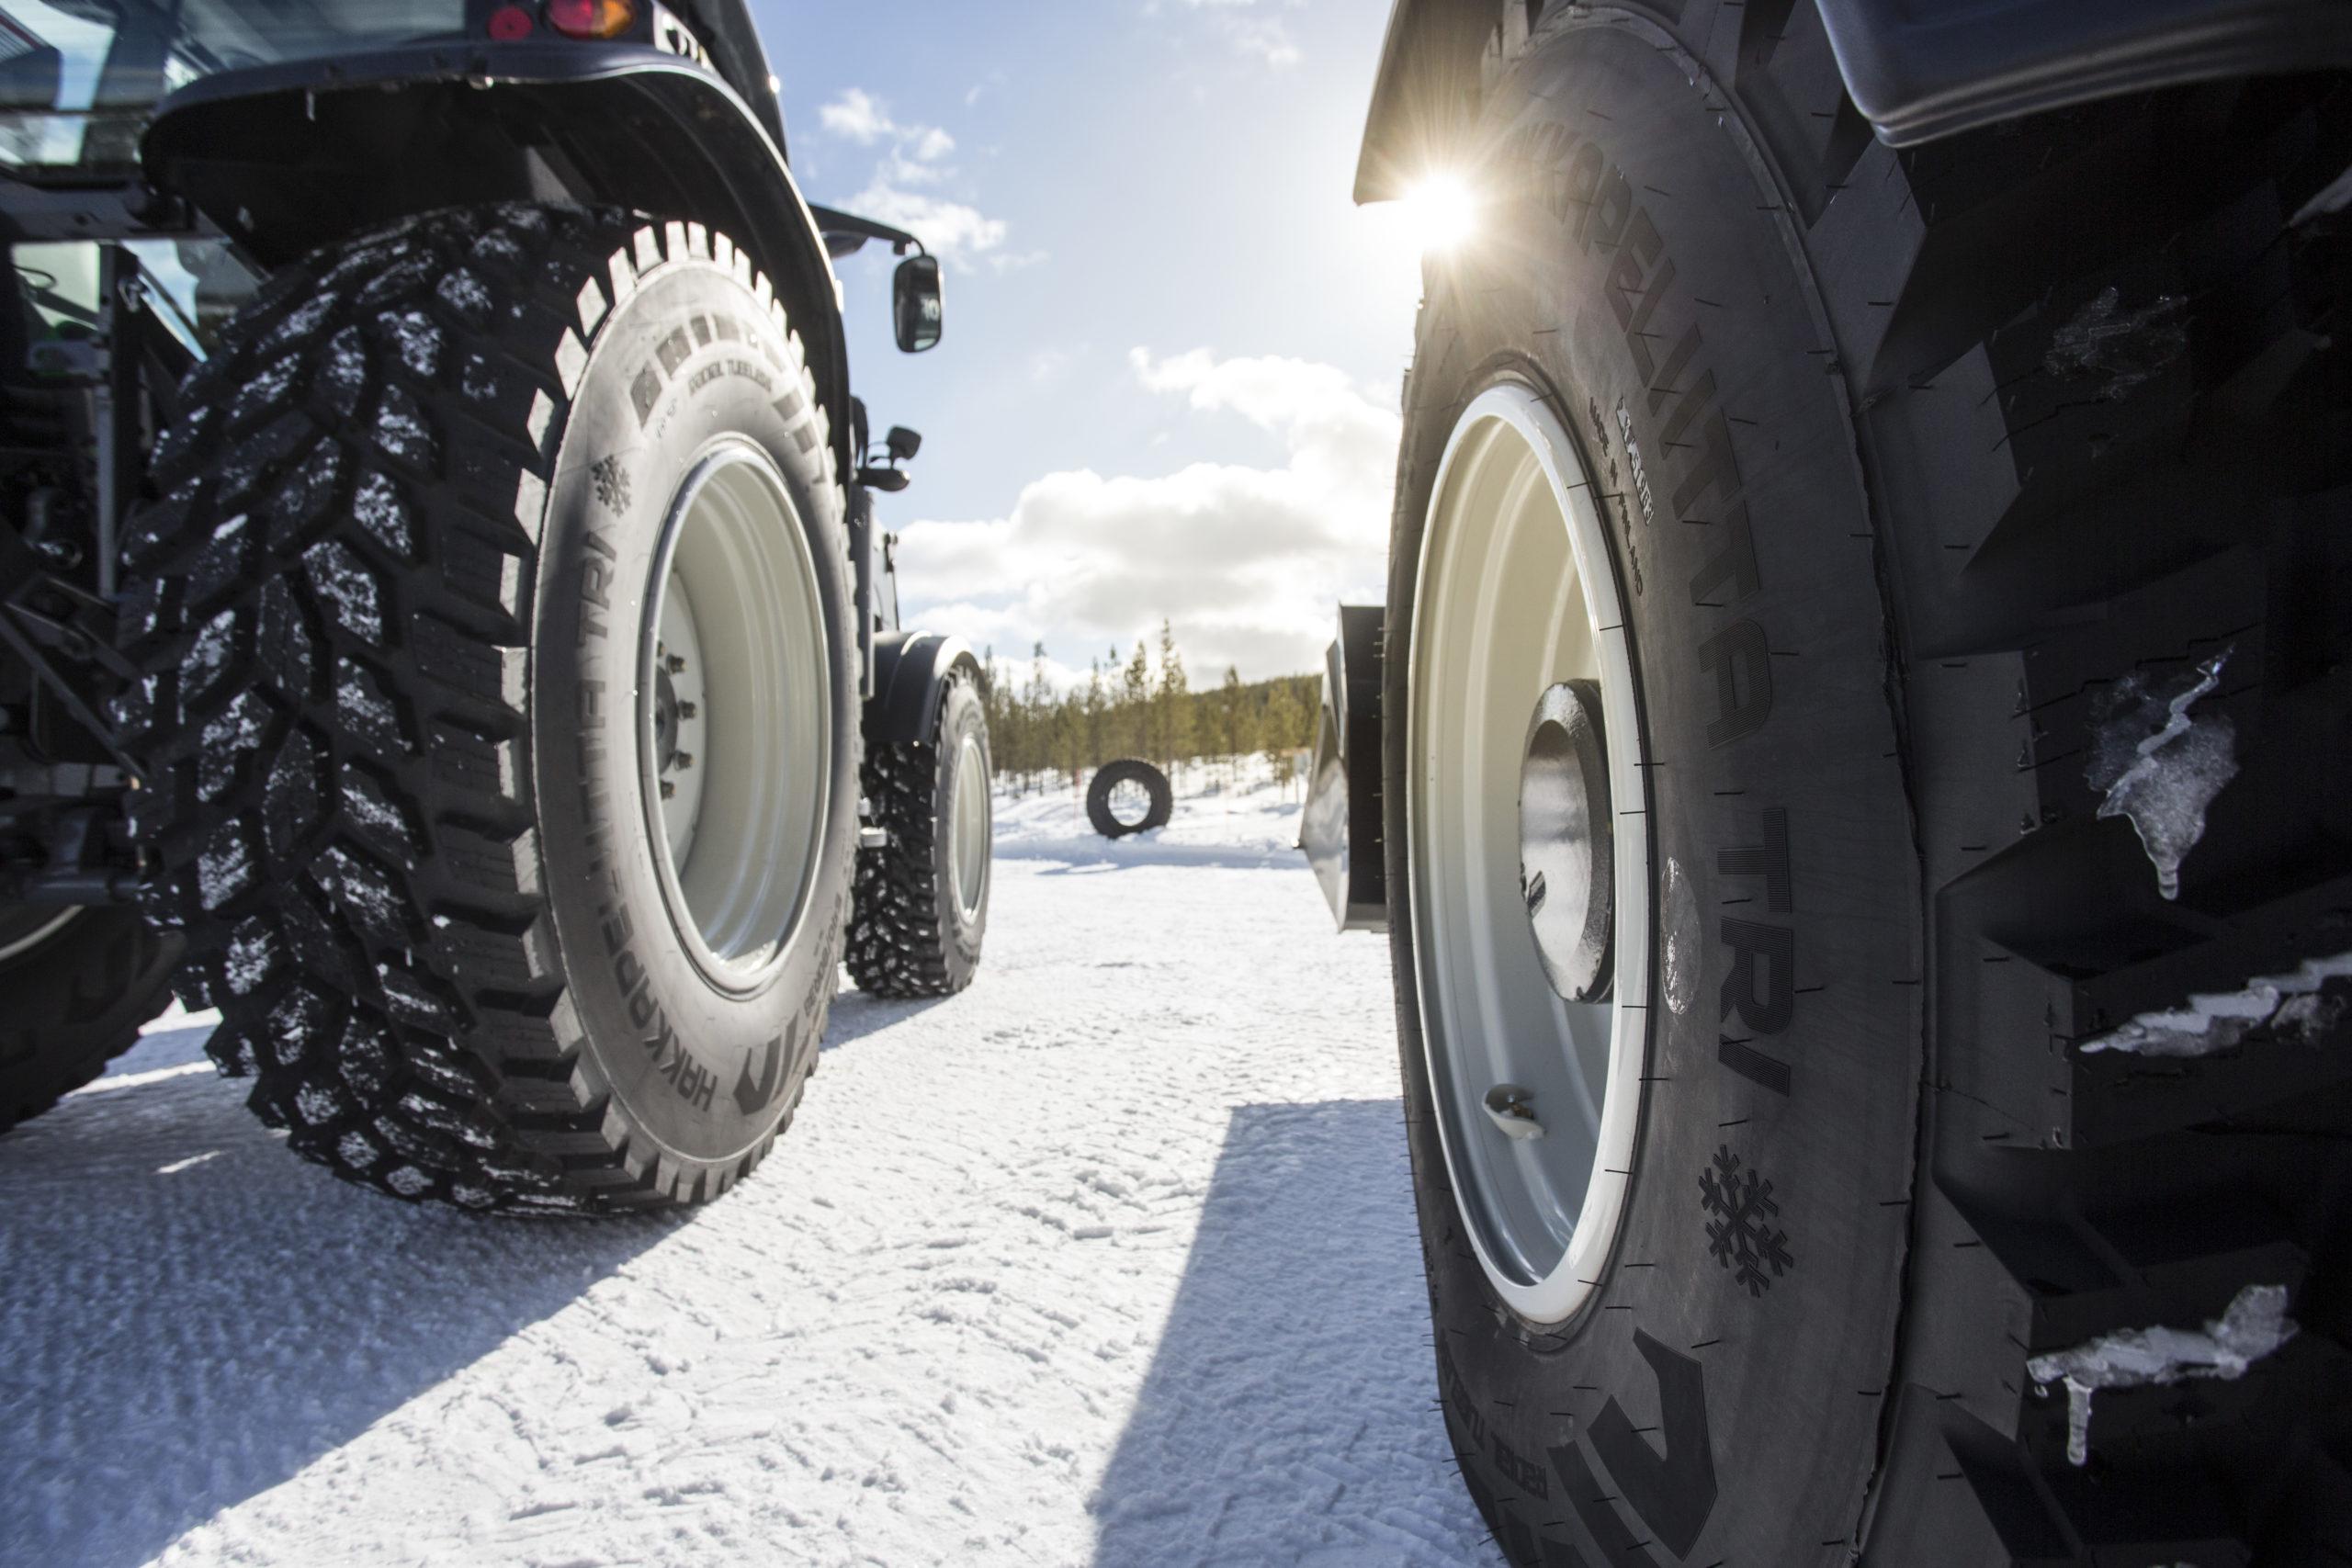 Nokian представила новые типоразмеры шин Hakkapeliitta TRI для компактных тракторов